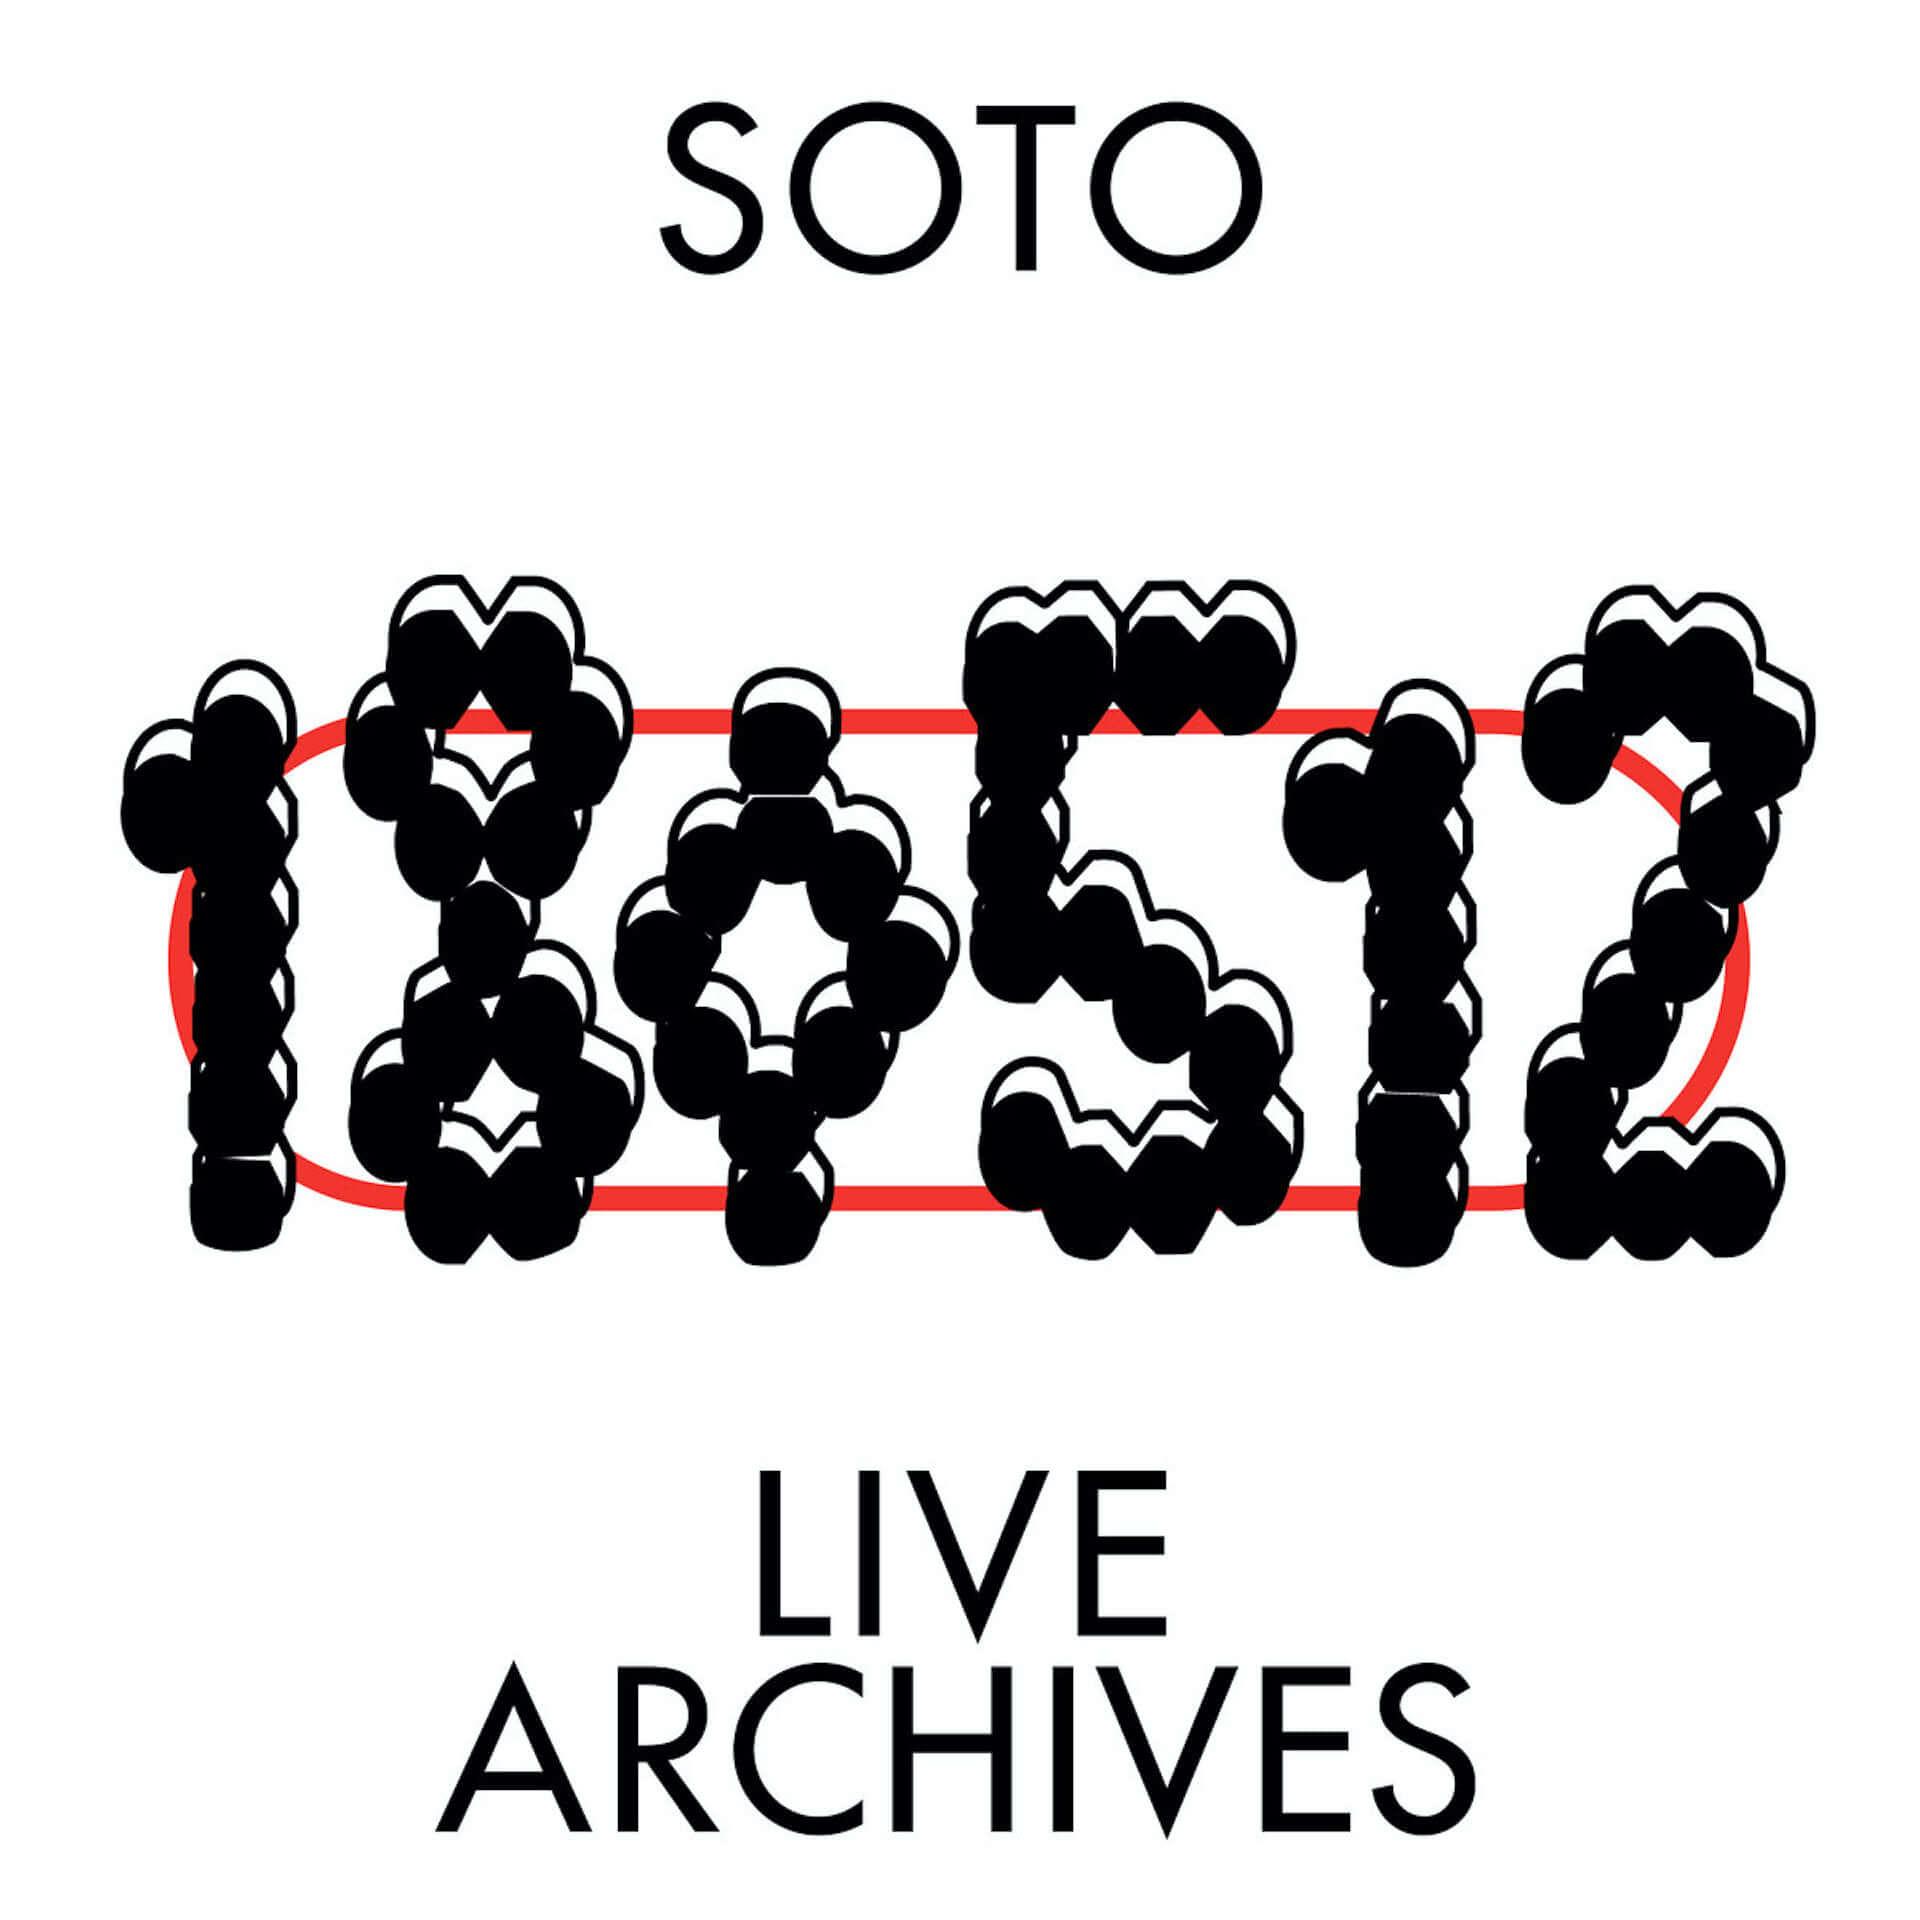 京都「外」がKazumichi Komatsu、荒木優光、湿った犬のライブ音源をリリース!売り上げは活動資金へ music200706_soto-kyoto_7-1920x1920